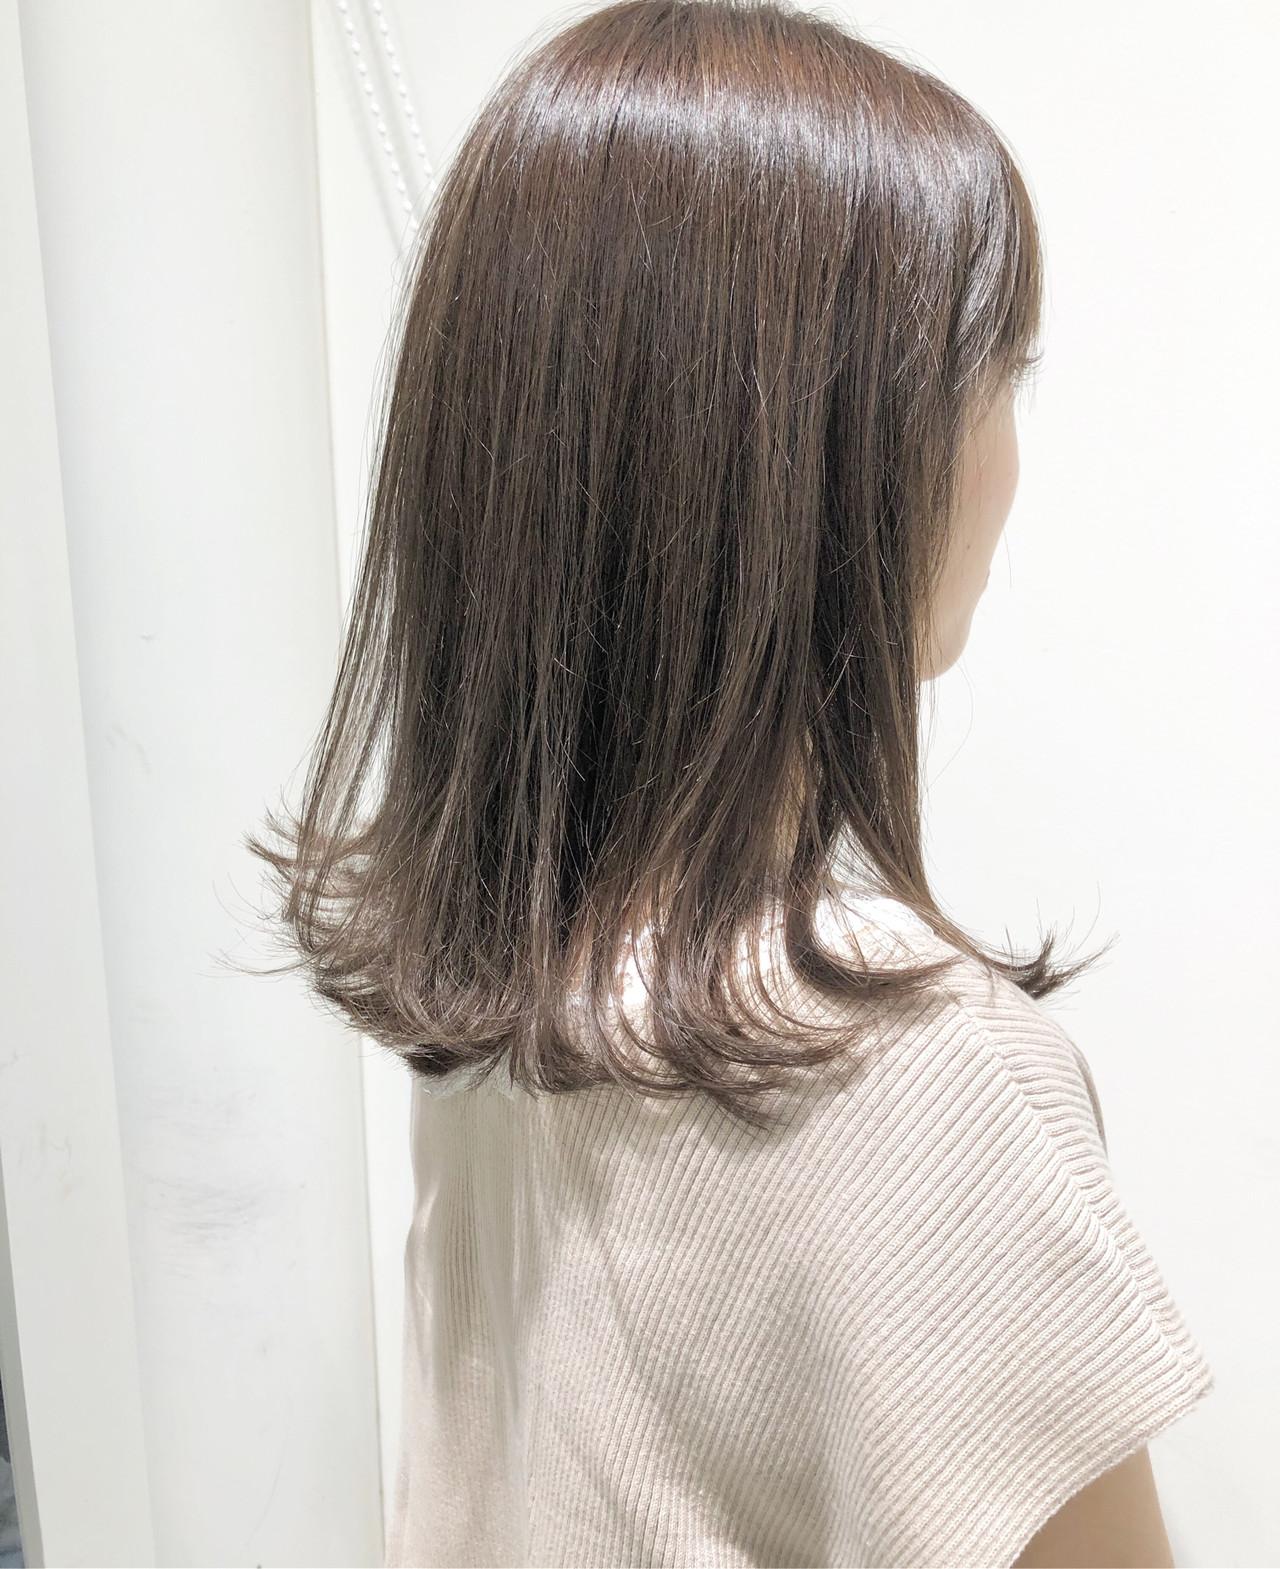 外ハネ グレージュ ミルクティーグレージュ ナチュラル ヘアスタイルや髪型の写真・画像 | 市岡 久 / BLANCOtres